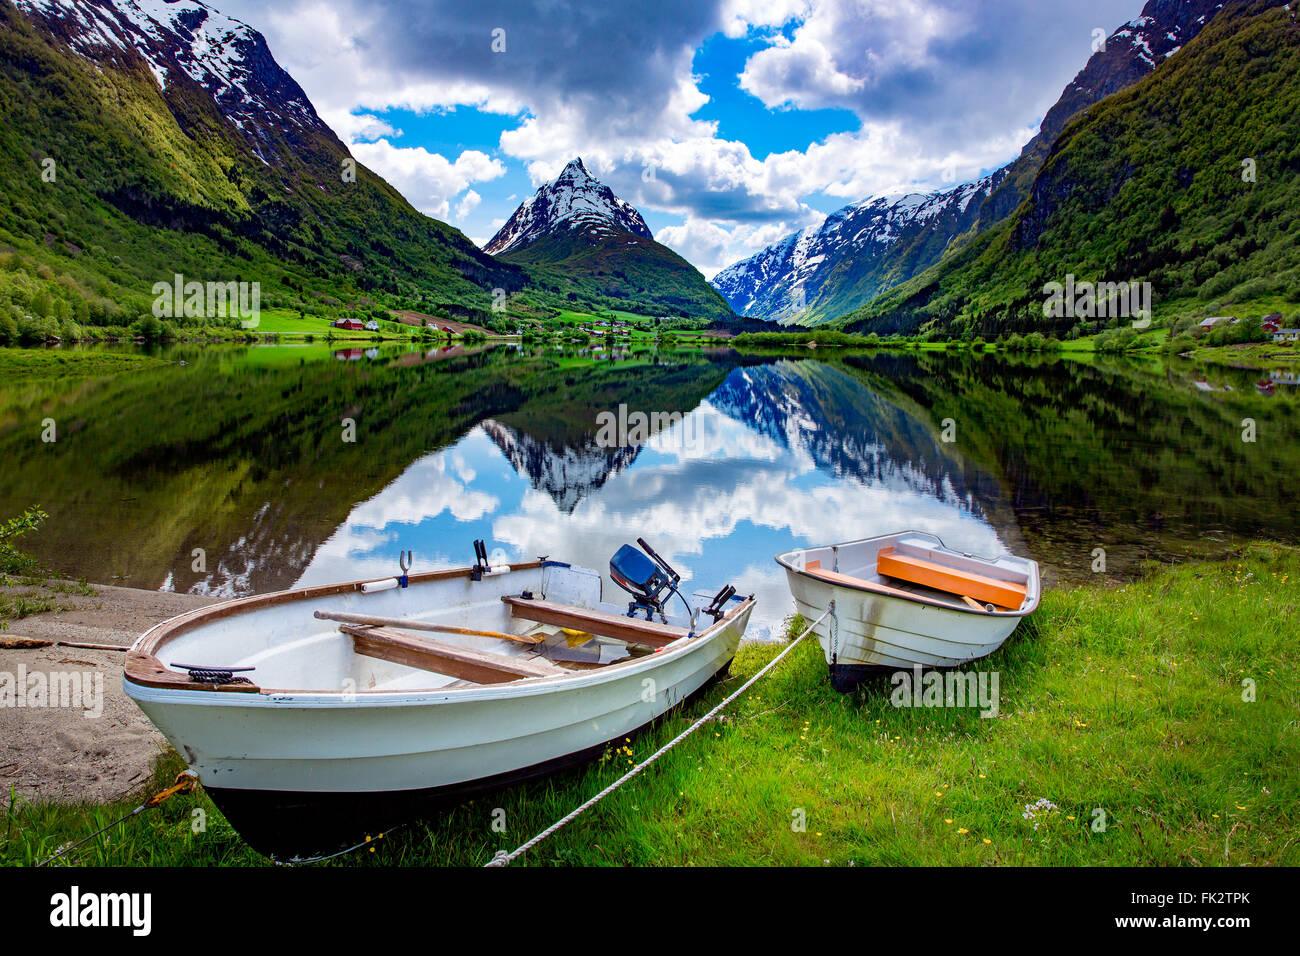 La bellissima natura della Norvegia paesaggio naturale. Immagini Stock